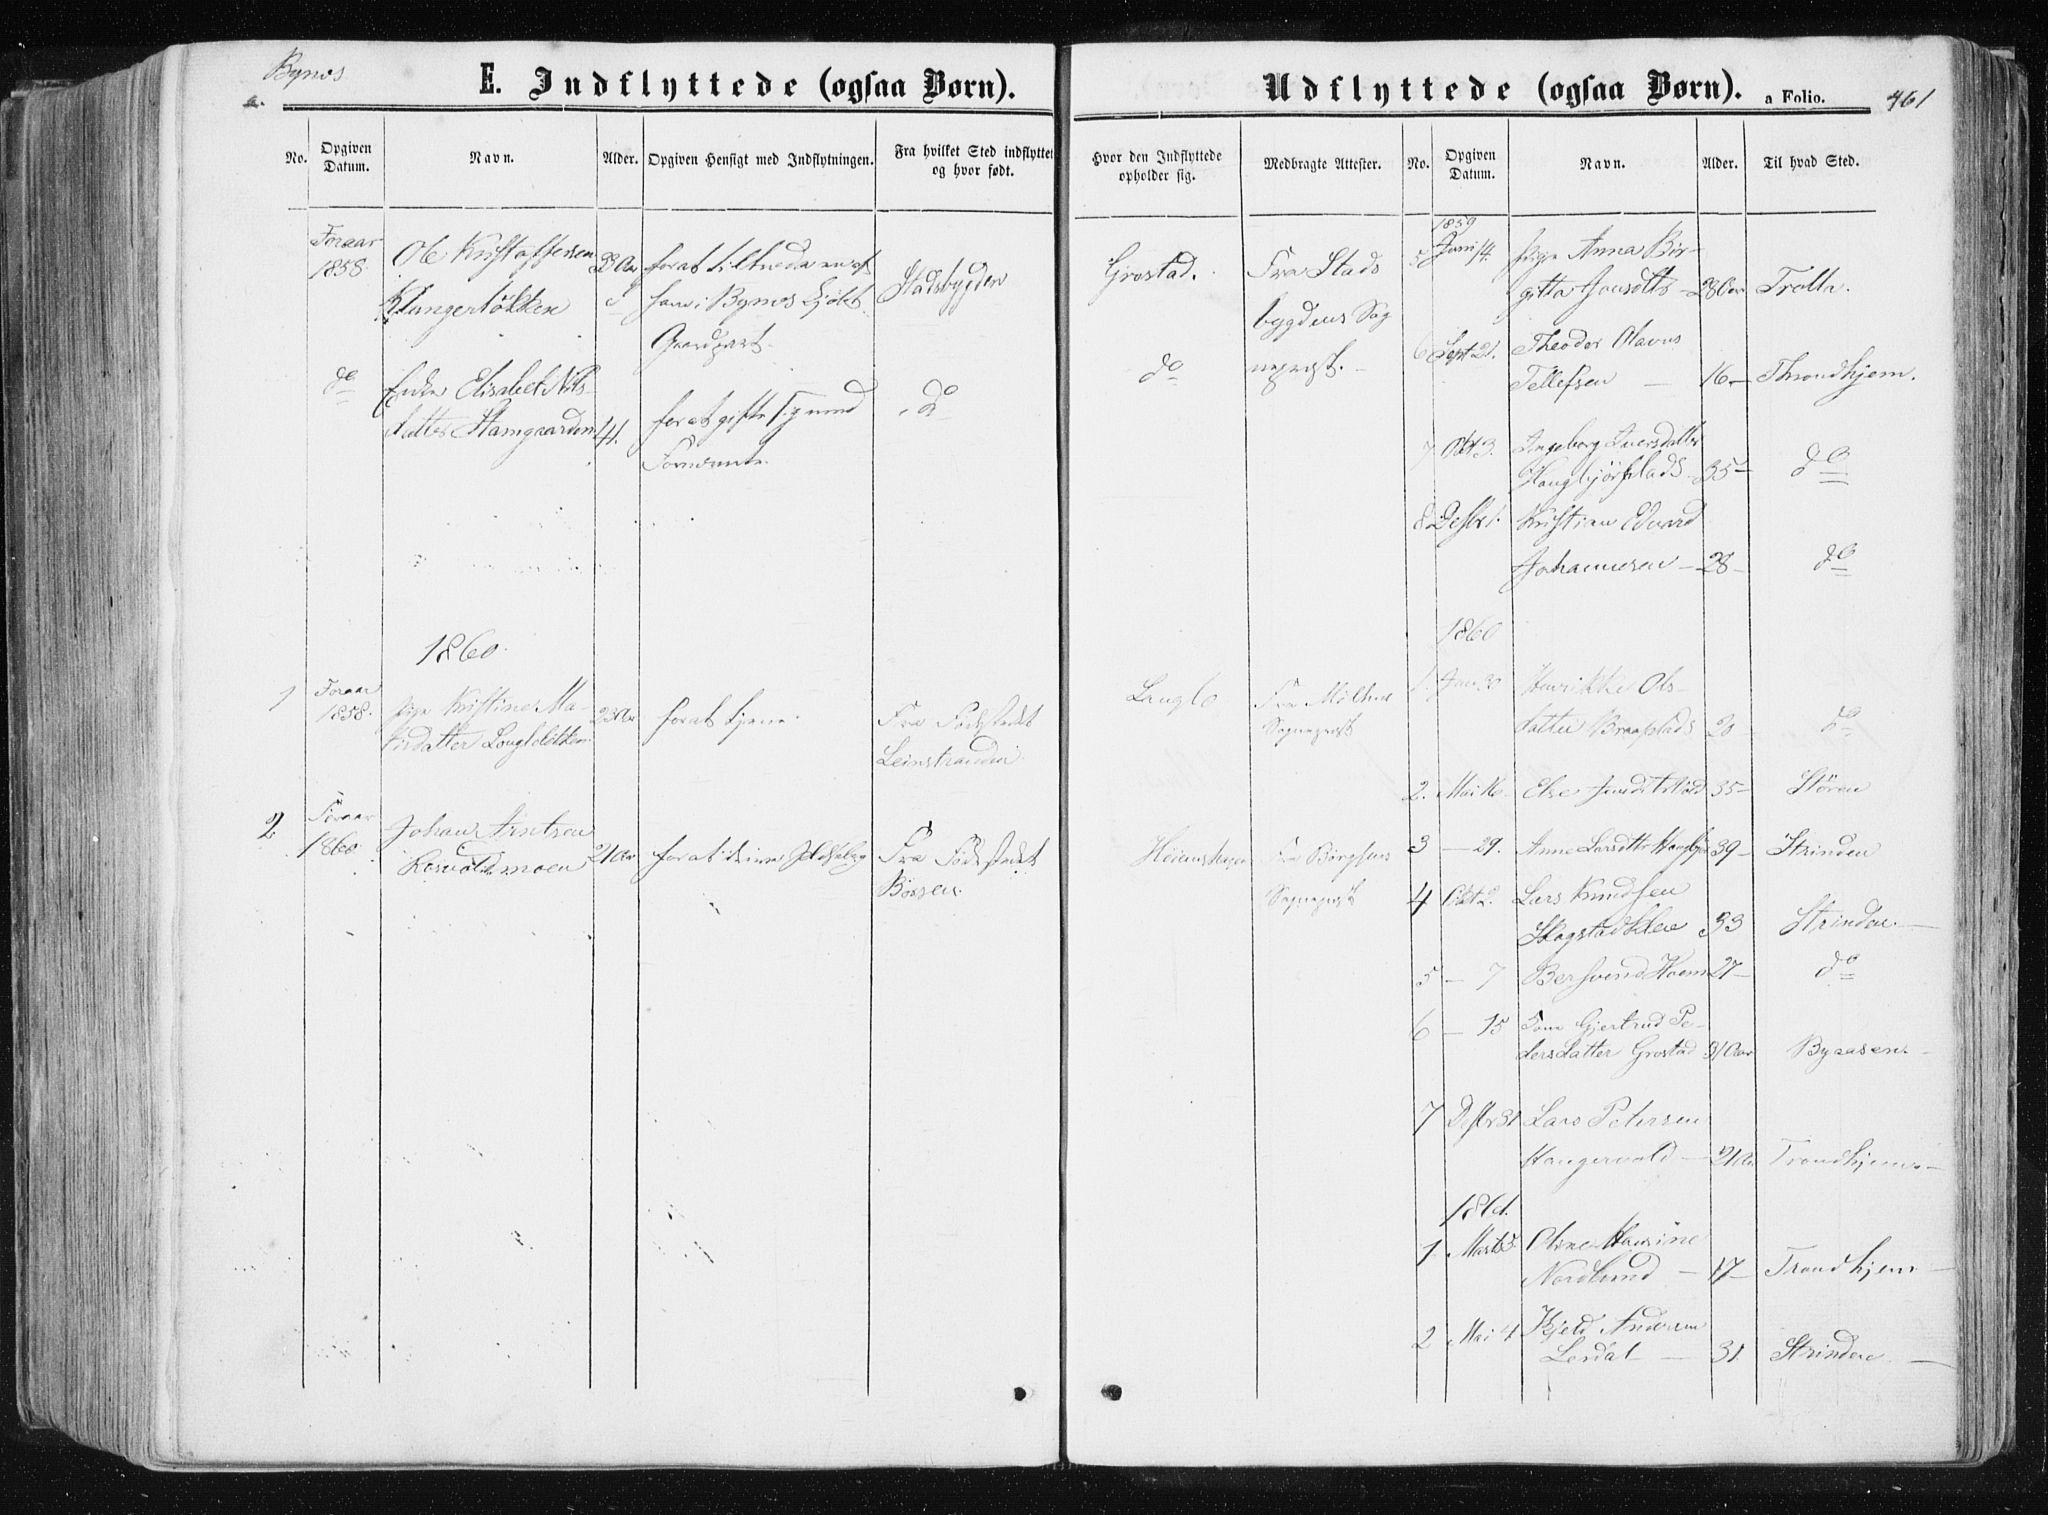 SAT, Ministerialprotokoller, klokkerbøker og fødselsregistre - Sør-Trøndelag, 612/L0377: Ministerialbok nr. 612A09, 1859-1877, s. 461